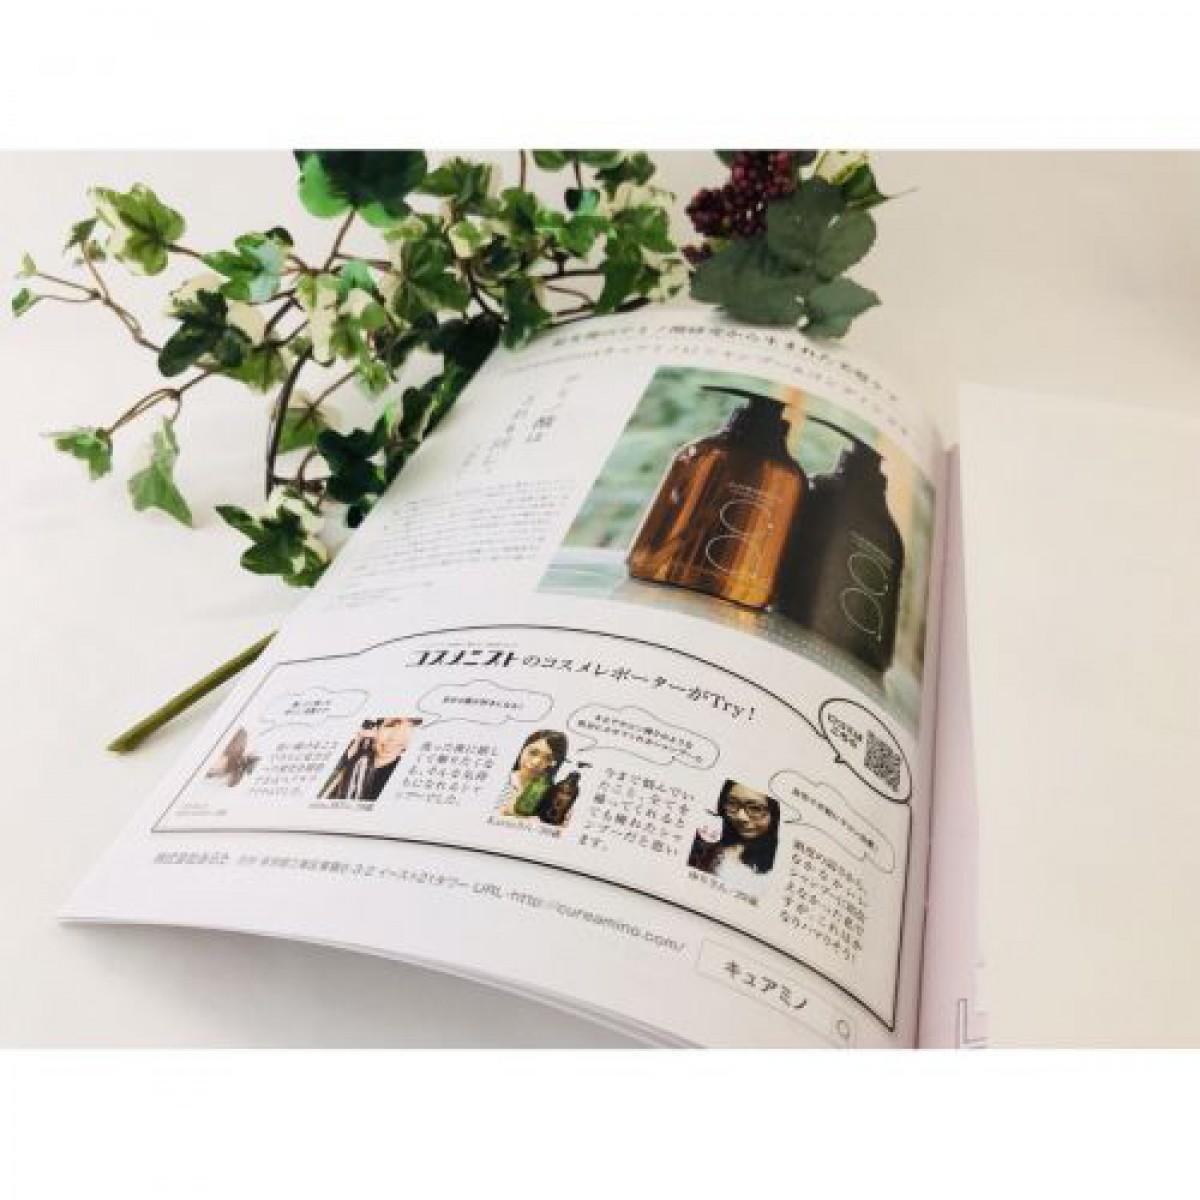 ◆キュアミノシャンプーでコスメレポーター4名が今月号の日経ウーマンに掲載◆